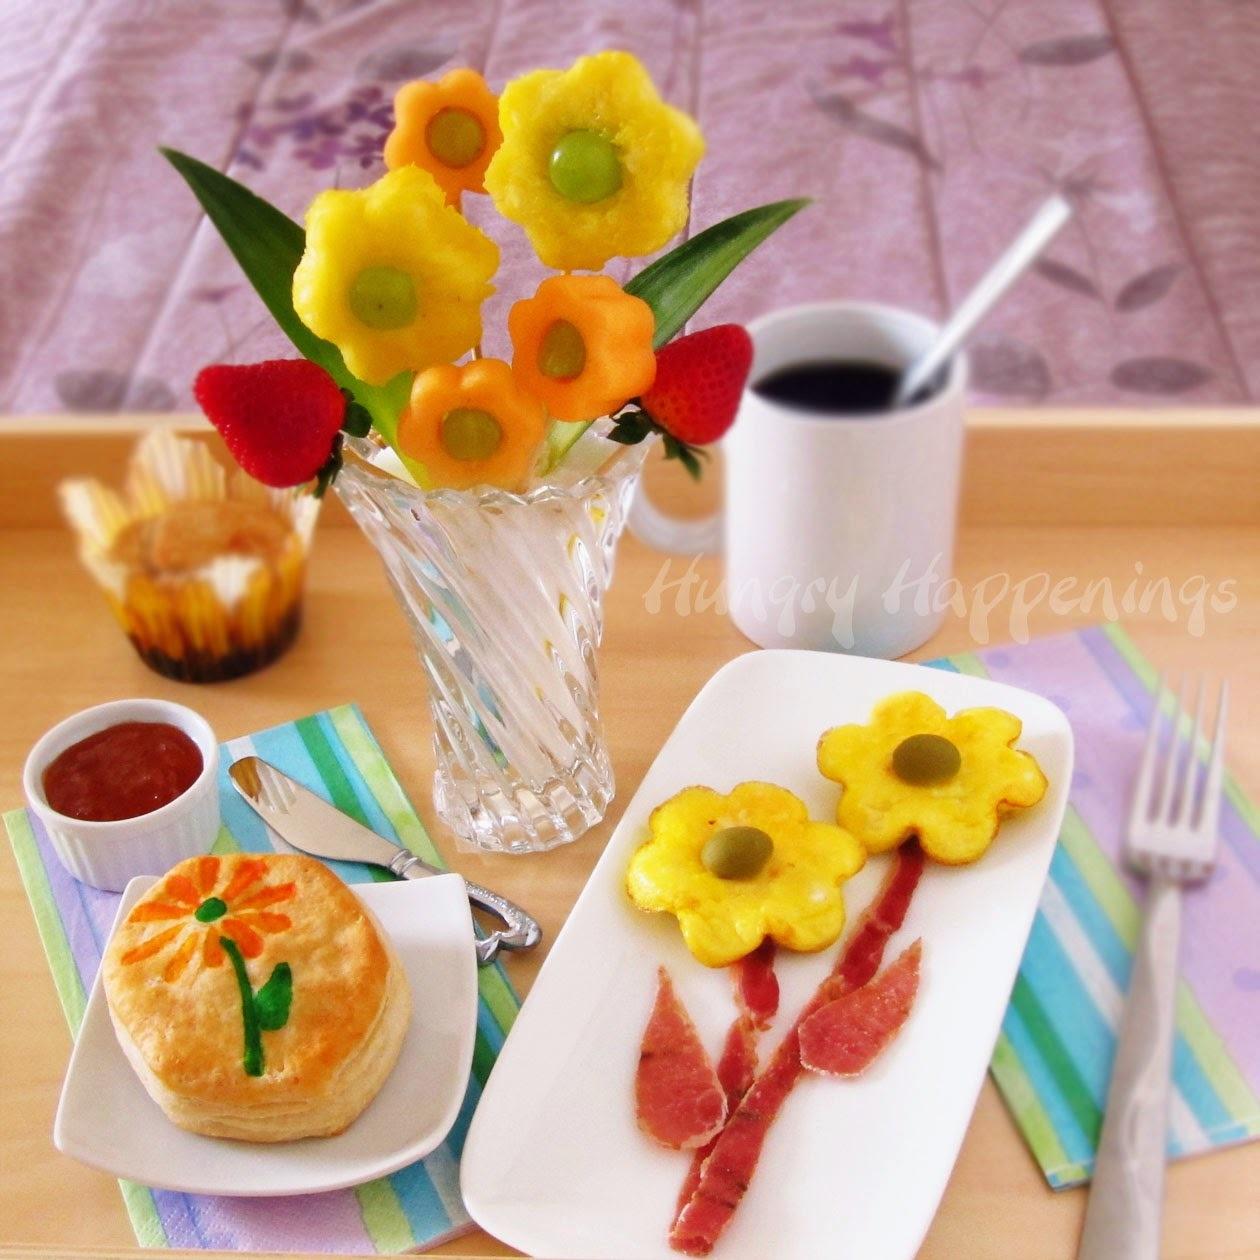 Café da manhã especial para o dia das mães